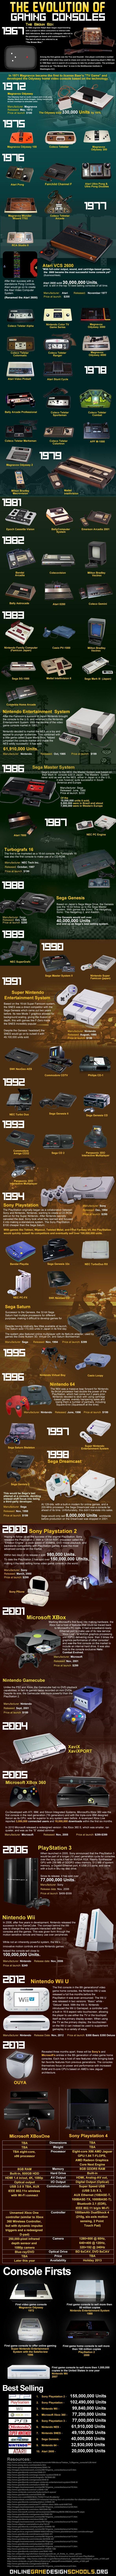 La Evolución de las Consolas de Juegos (1969 - 2013)  #Gaming